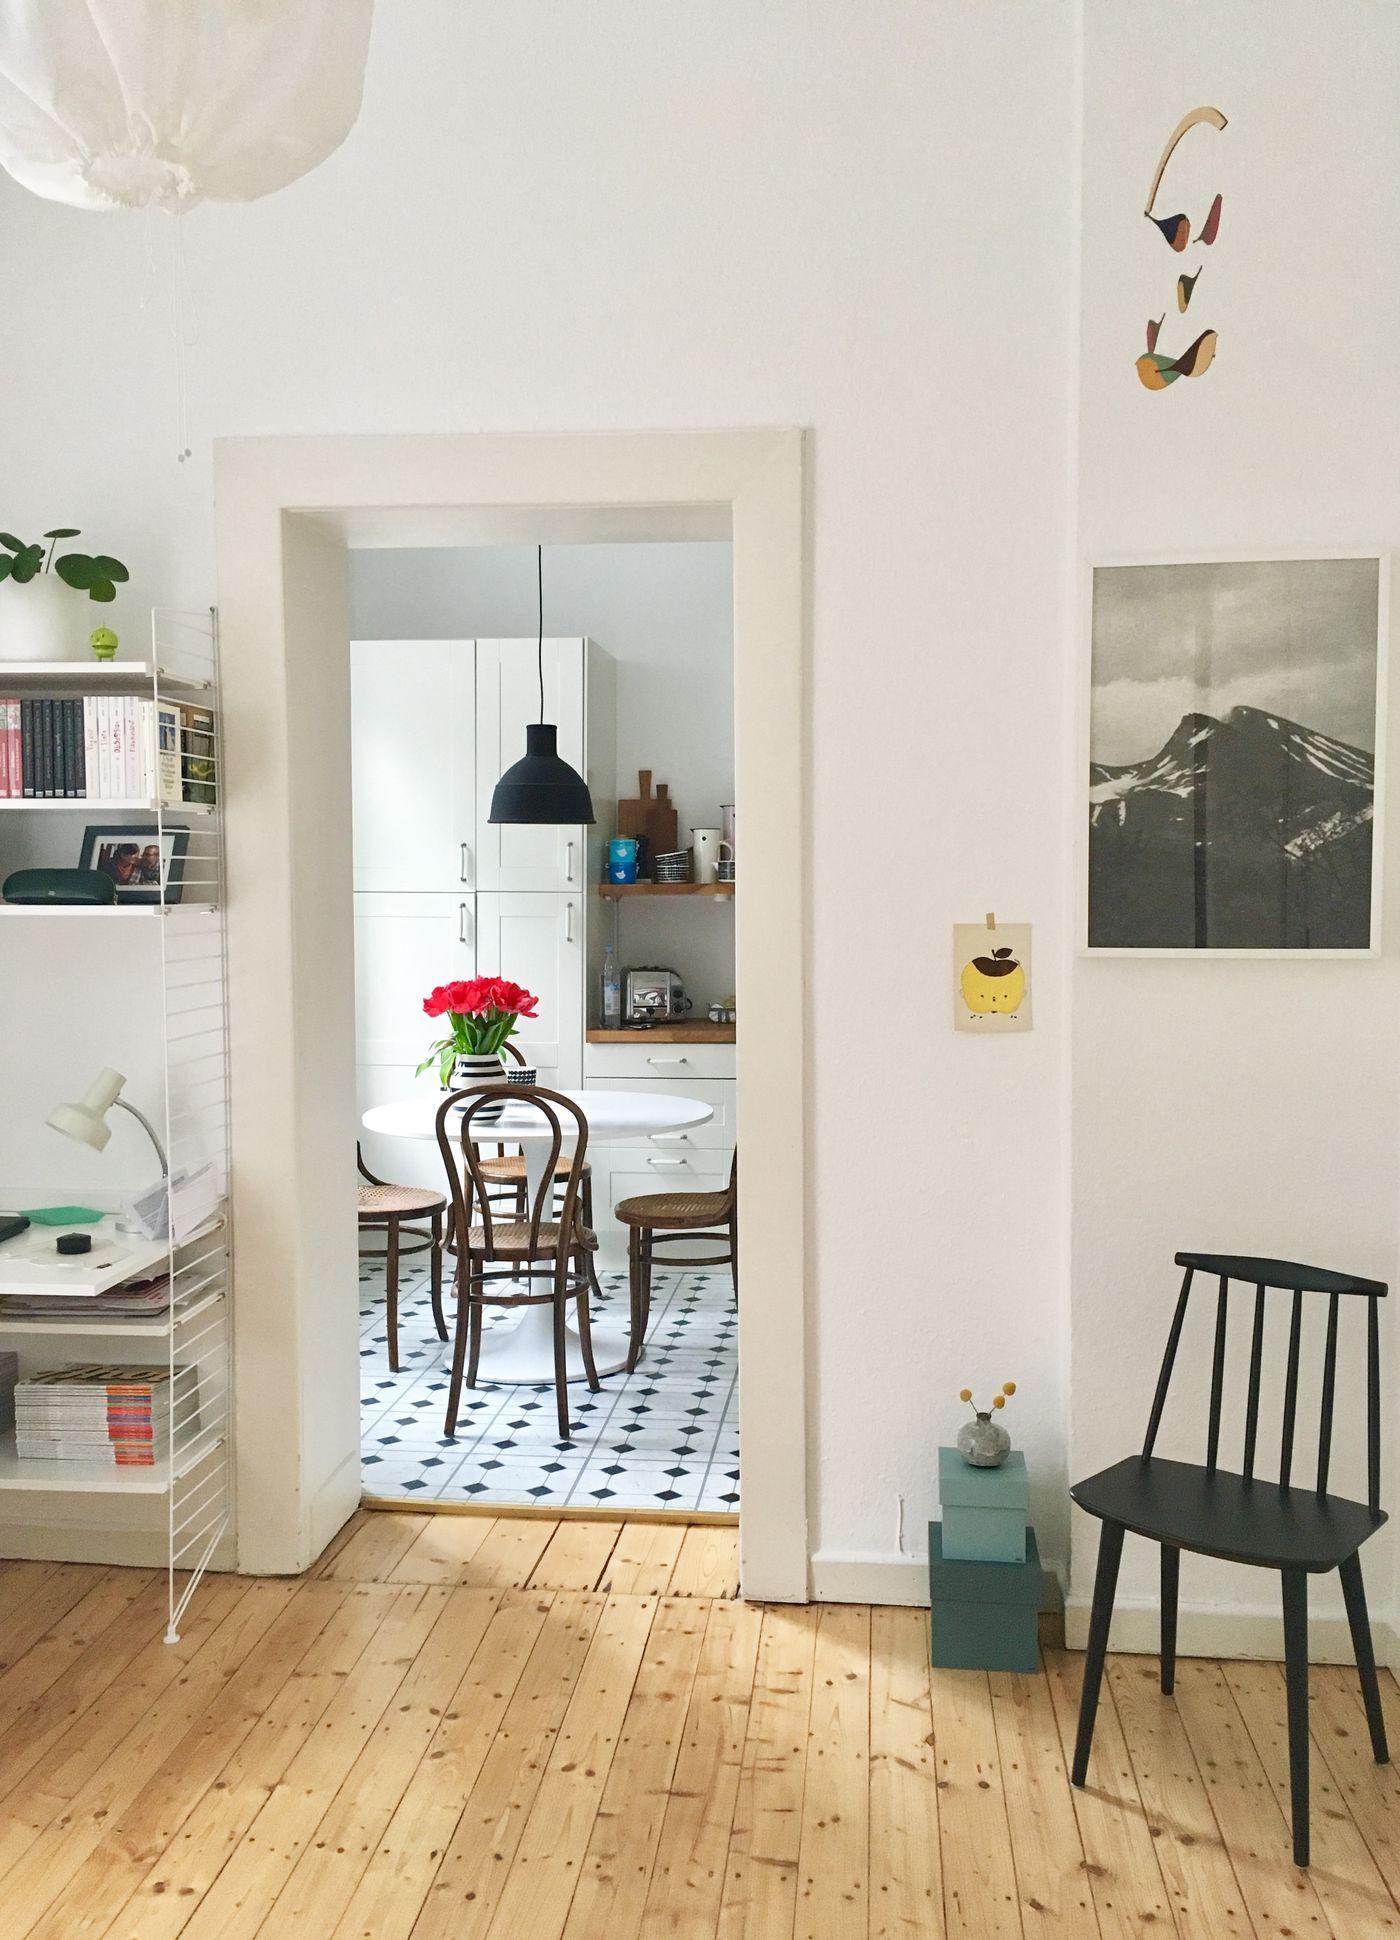 dielenboden k che kosten arbeitsplatte k che granit minecraft einrichten dusche in der stuhl. Black Bedroom Furniture Sets. Home Design Ideas